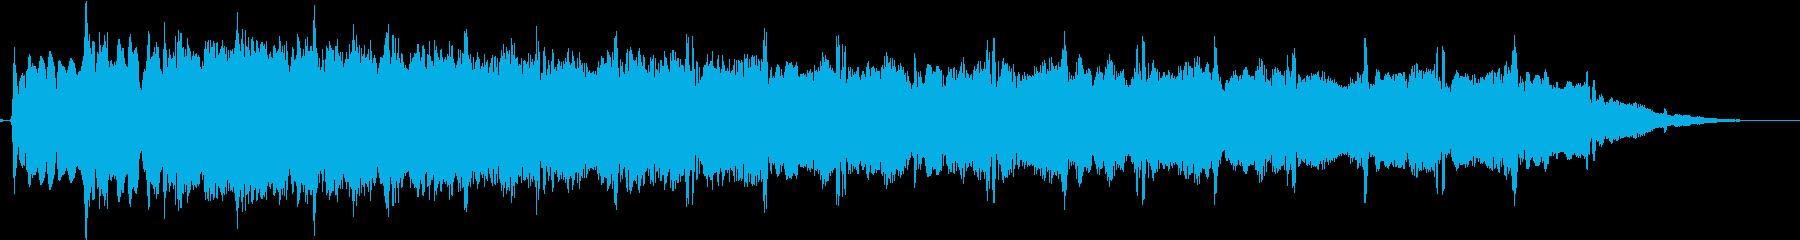 ピューン:異次元へワープする音3の再生済みの波形